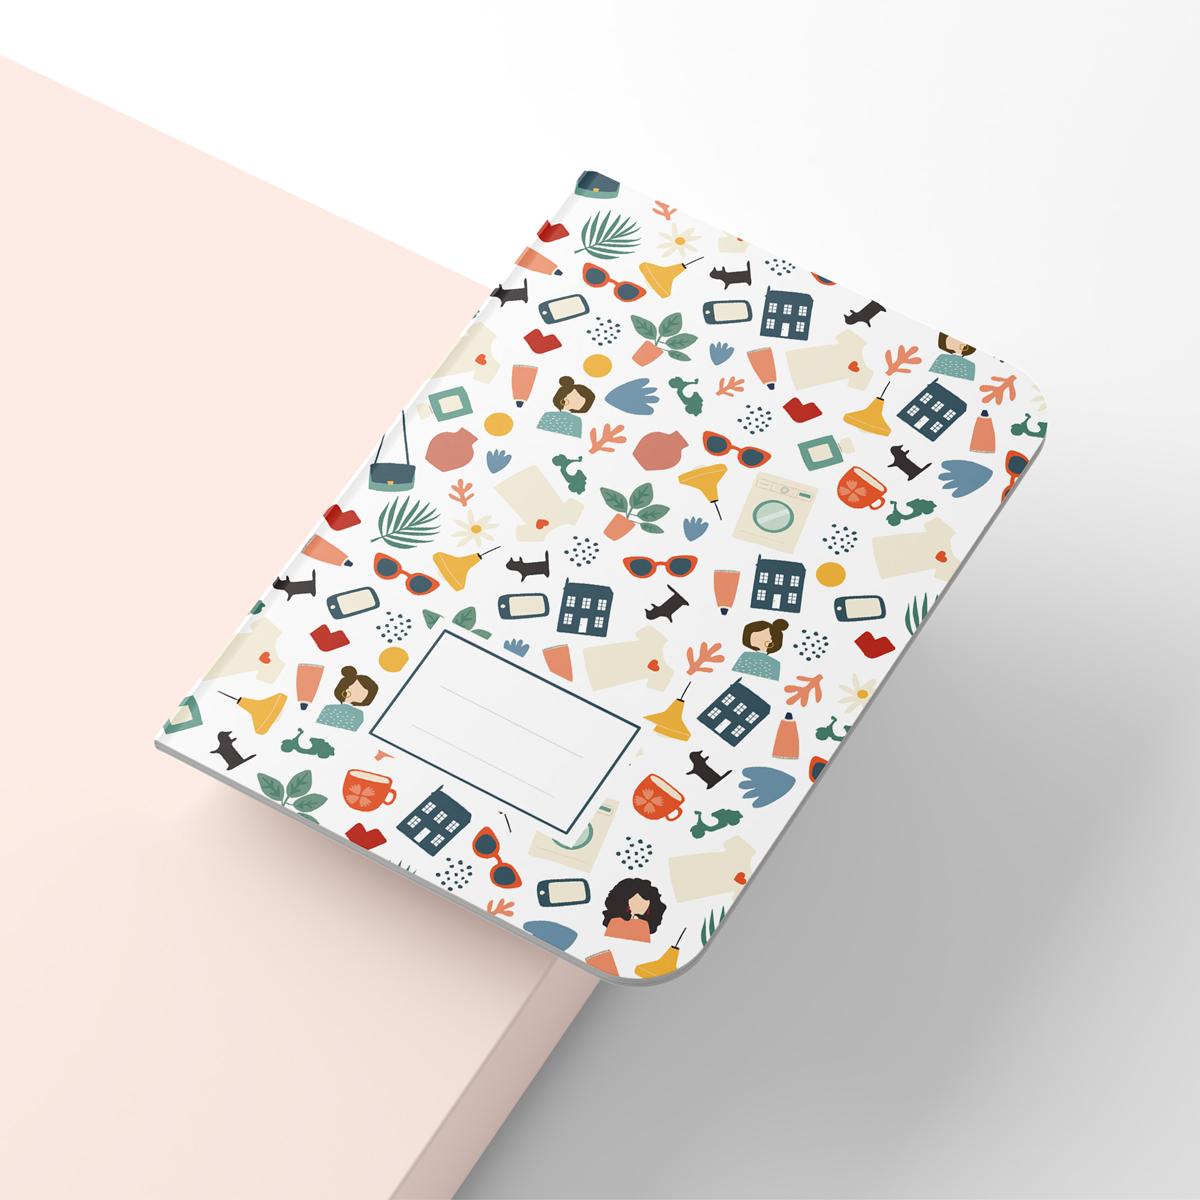 Exemple d'application d'un des motifs du projet sur un cahier